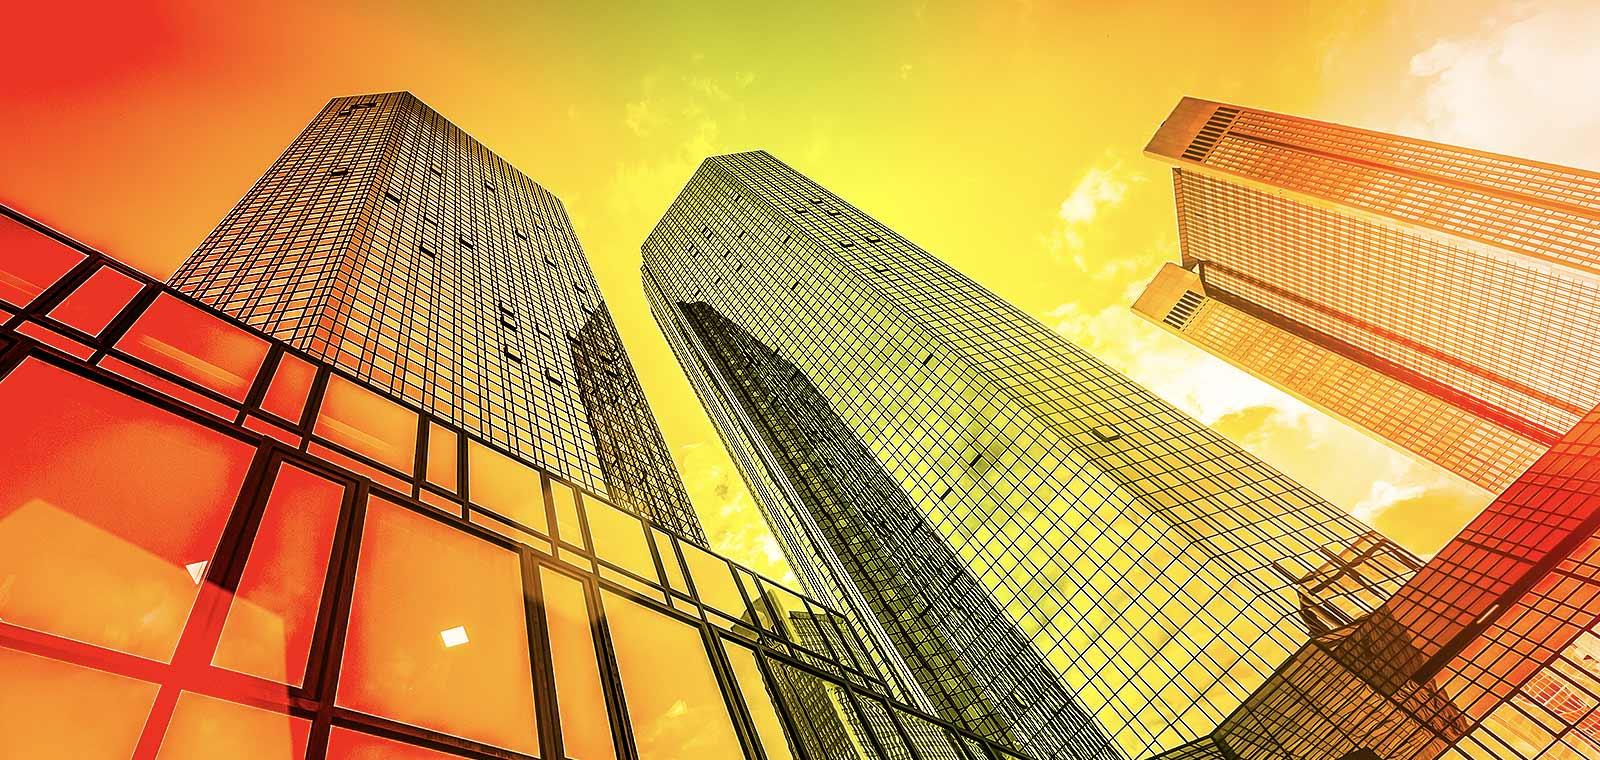 Aumento Valore Immobile Ristrutturato azionario europeo: il settore immobiliare tedesco sfida la